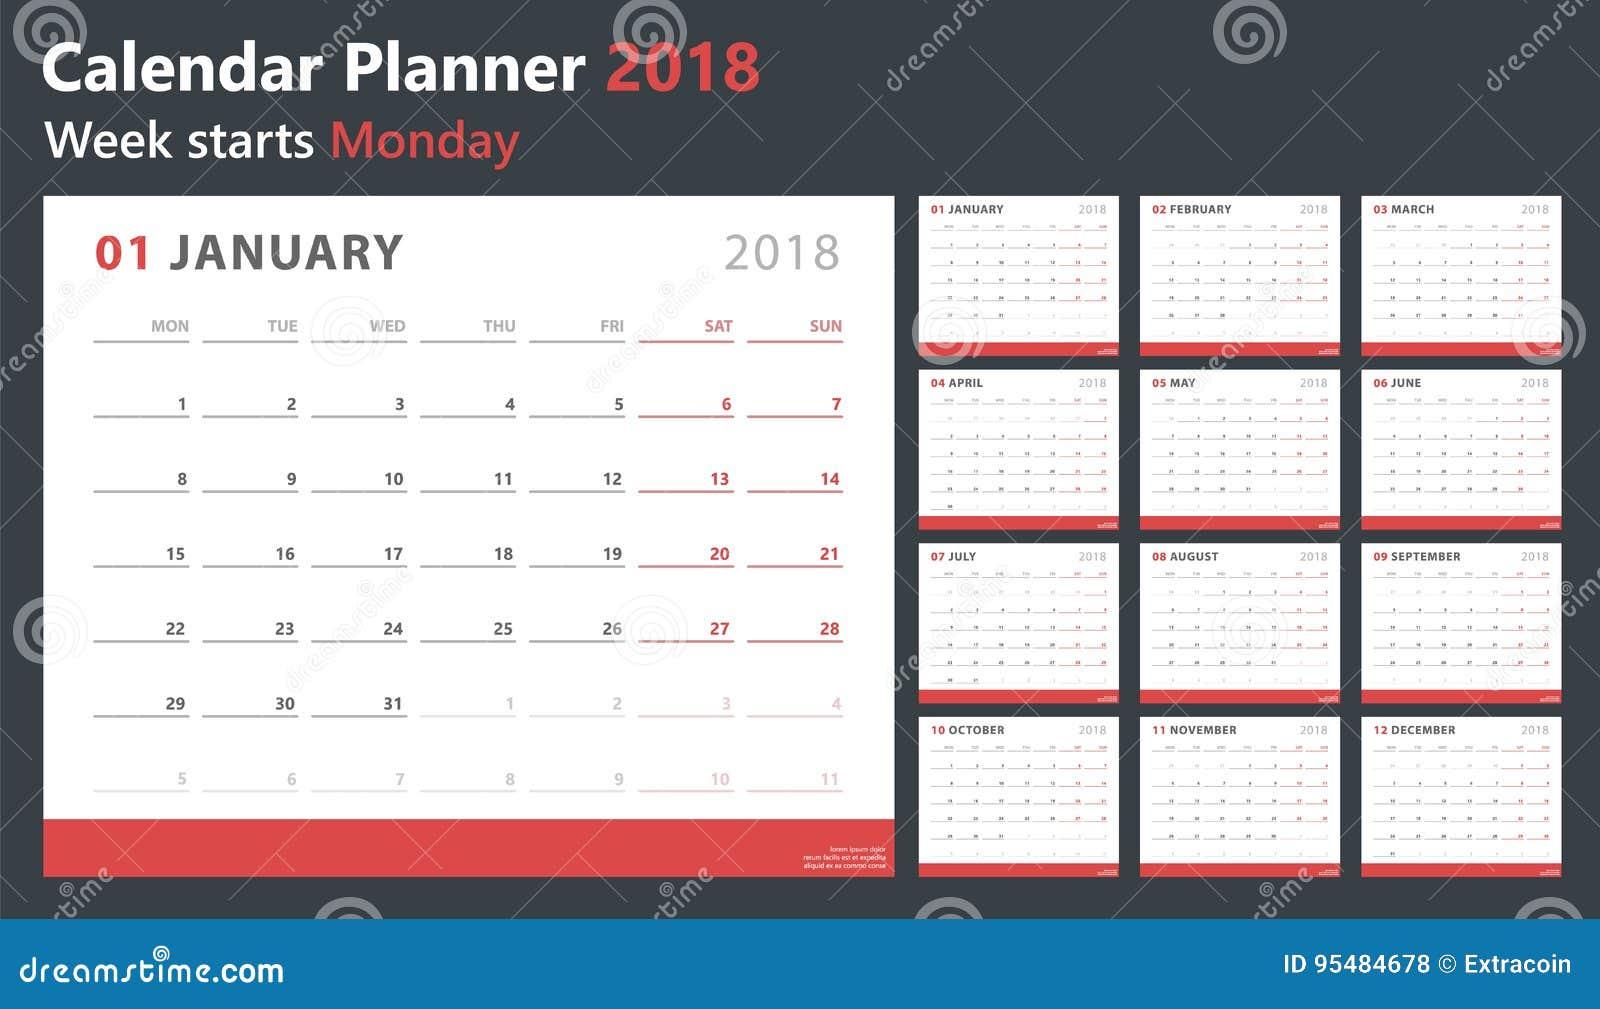 calendar planner 2018 week starts monday vector design template